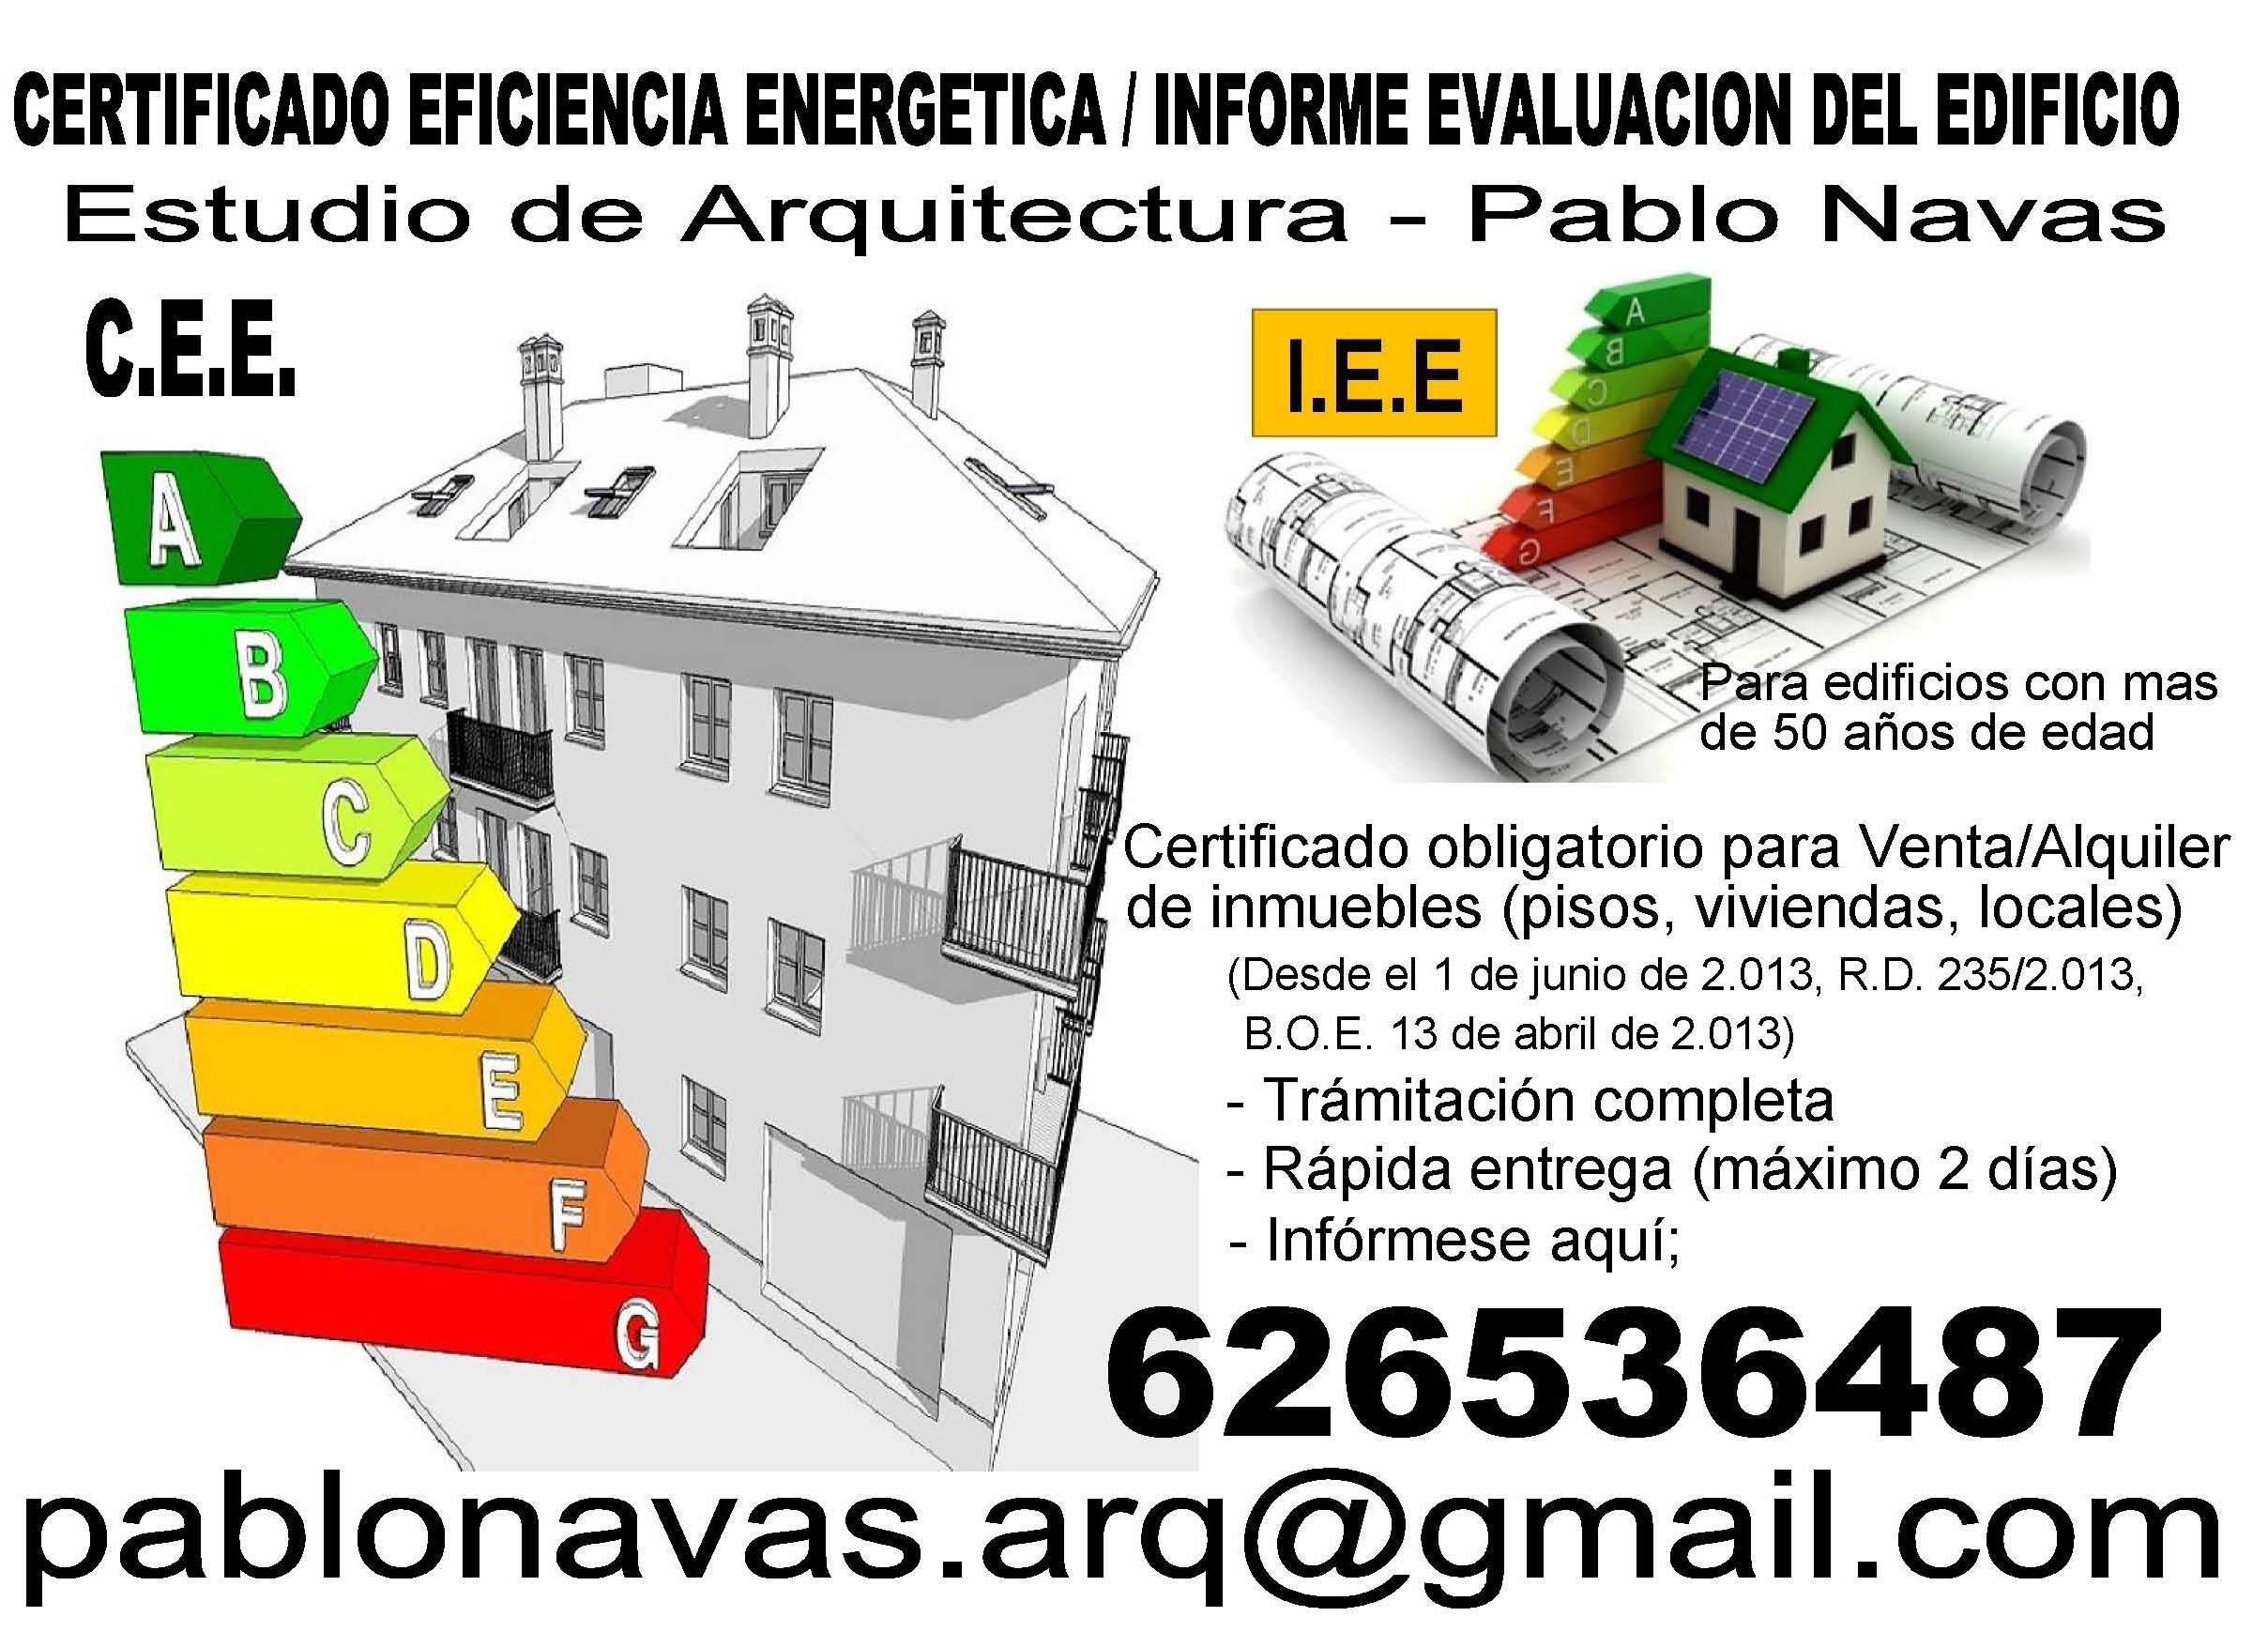 Certificado energético: Servicios de Estudio de Arquitectura Pablo Navas